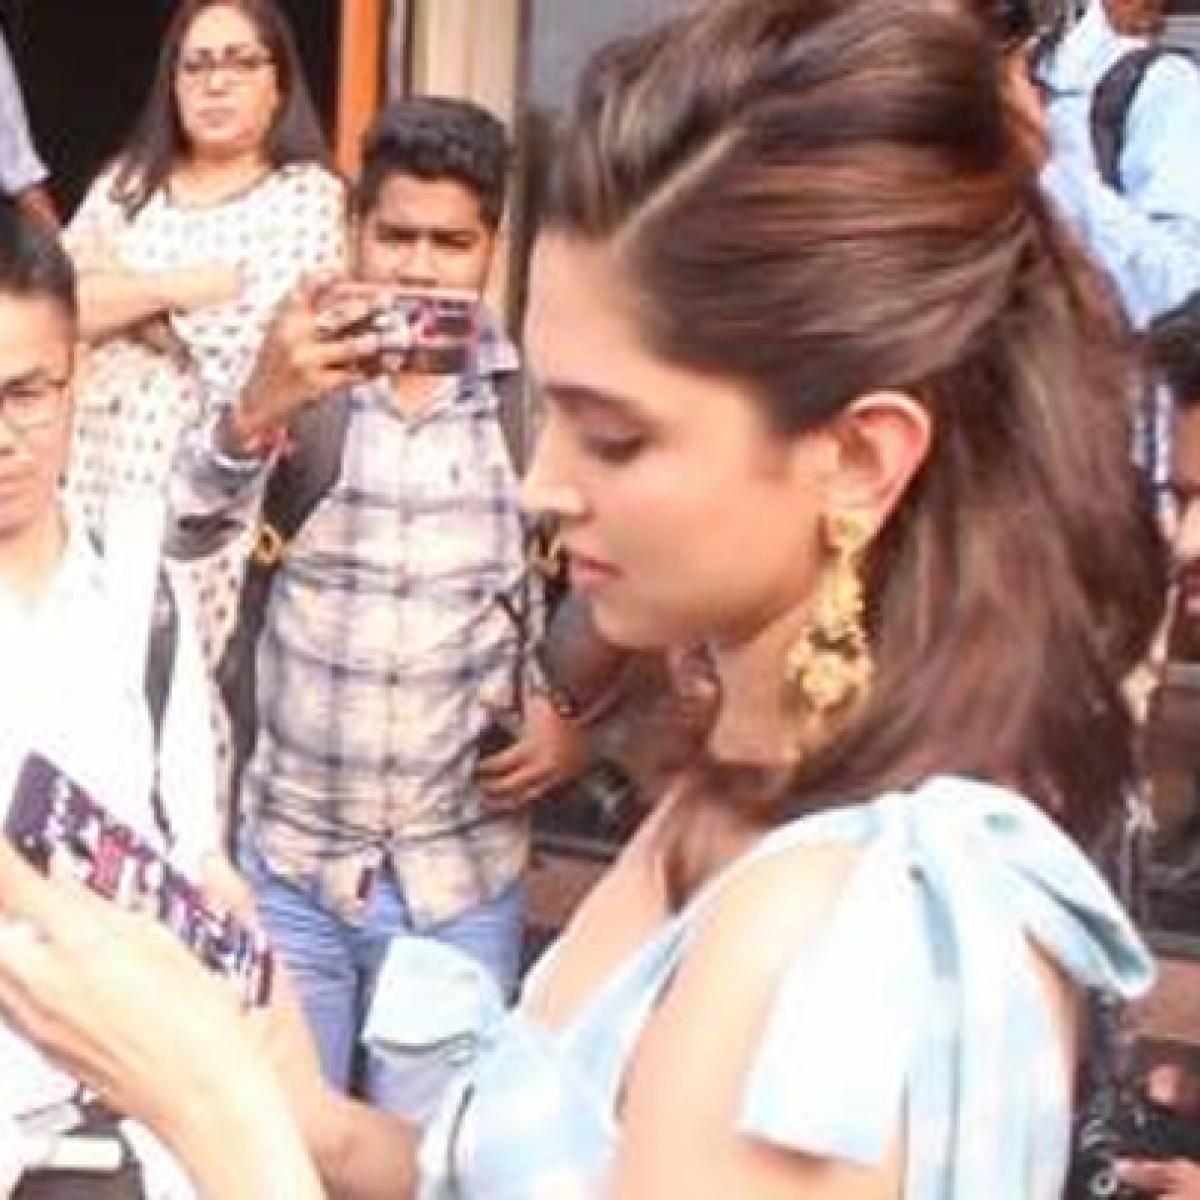 'Main use kar sakti hoon kya': Deepika Padukone wants a paparazzo's phone cover